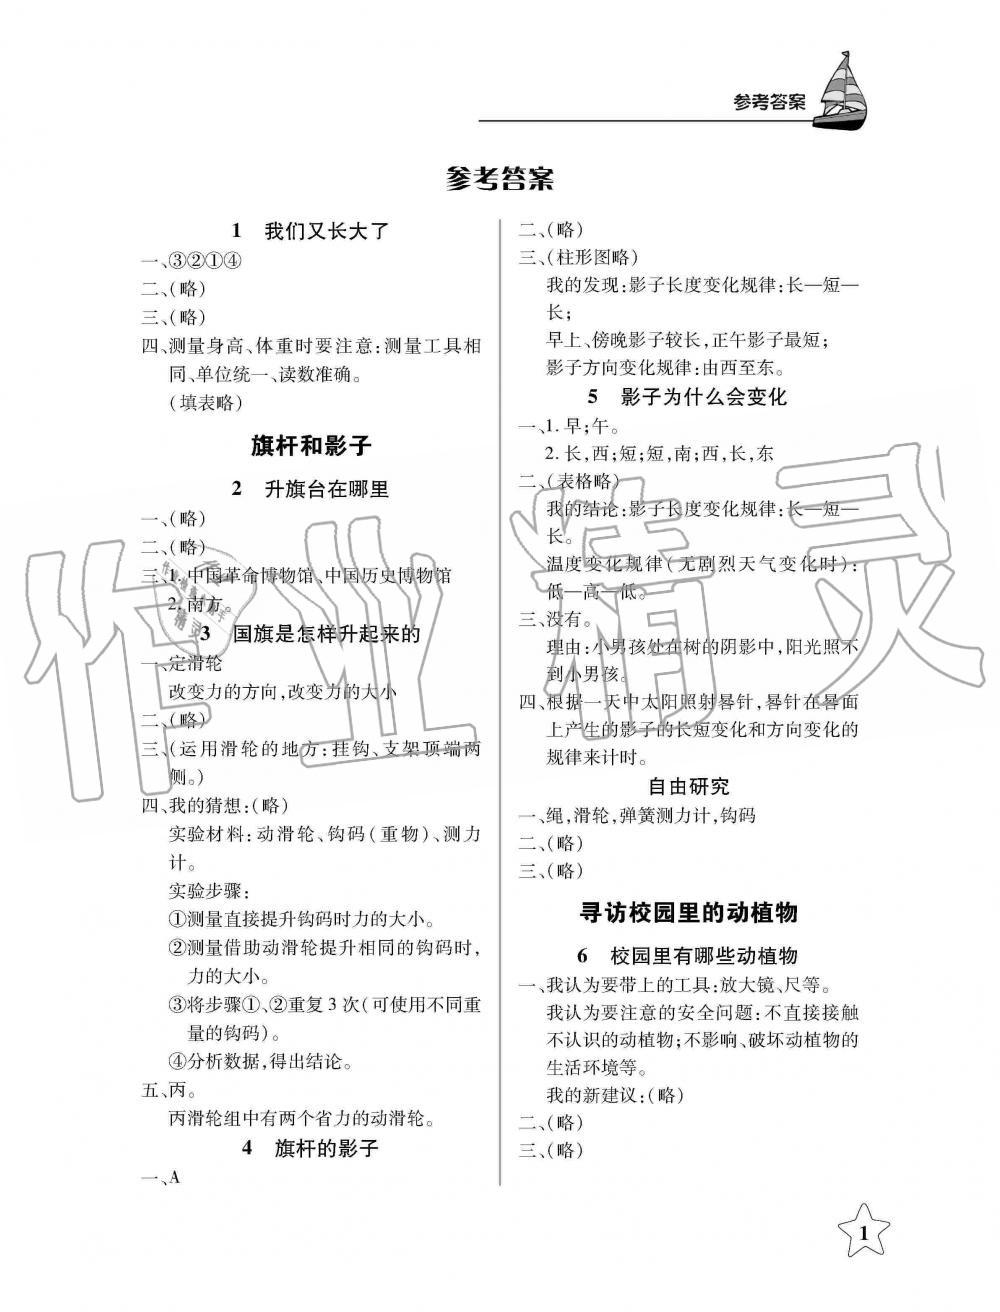 2019年长江作业本课堂作业四年级科学上册鄂教版第1页